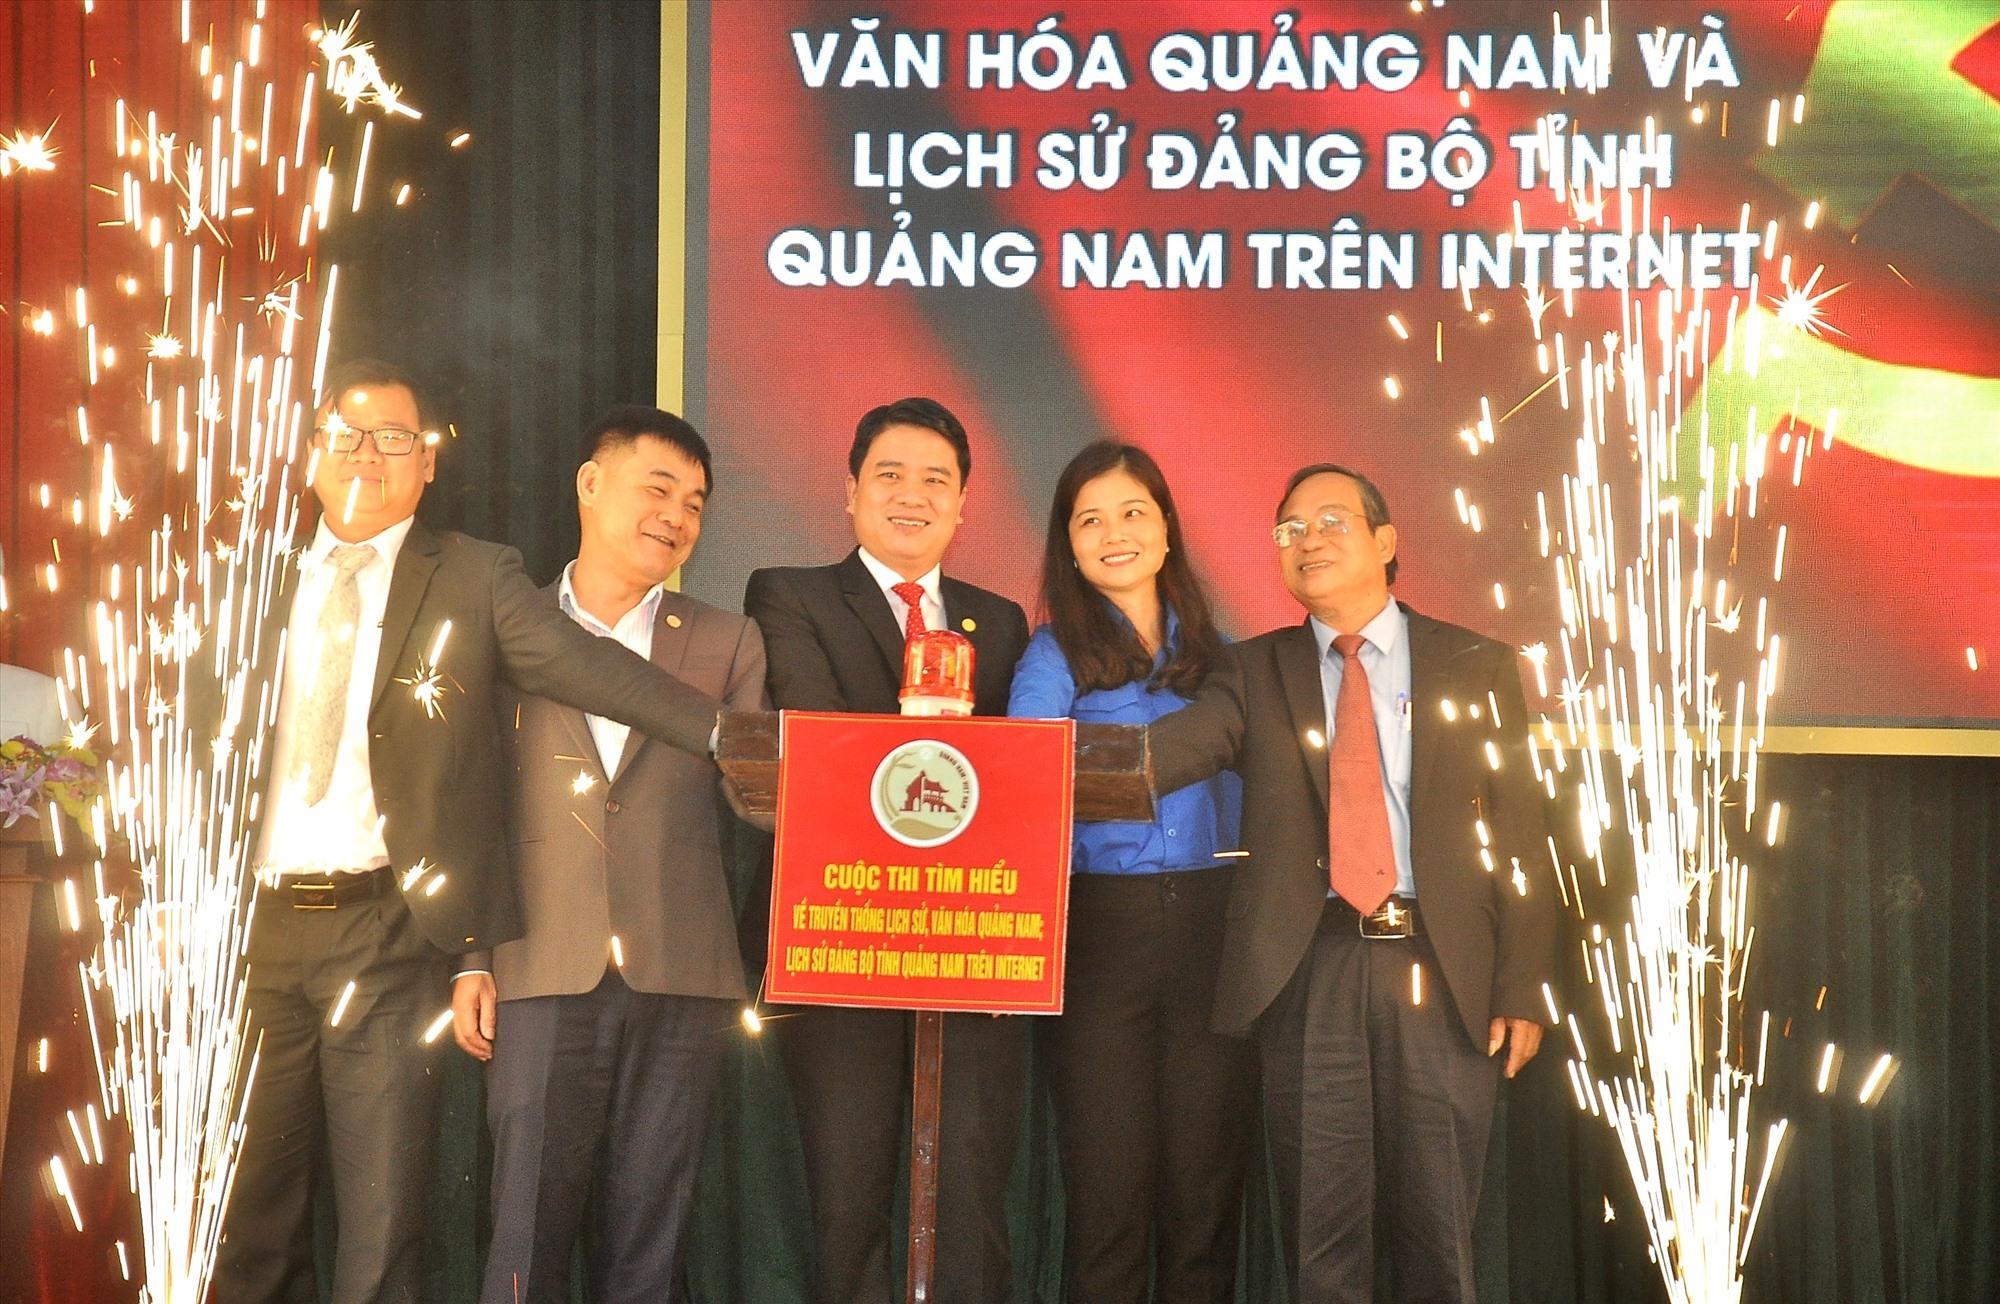 Phát động cuộc thi Tìm hiểu lịch sử, văn hóa, lịch sử Đảng bộ tỉnh Quảng Nam. Ảnh: V.A